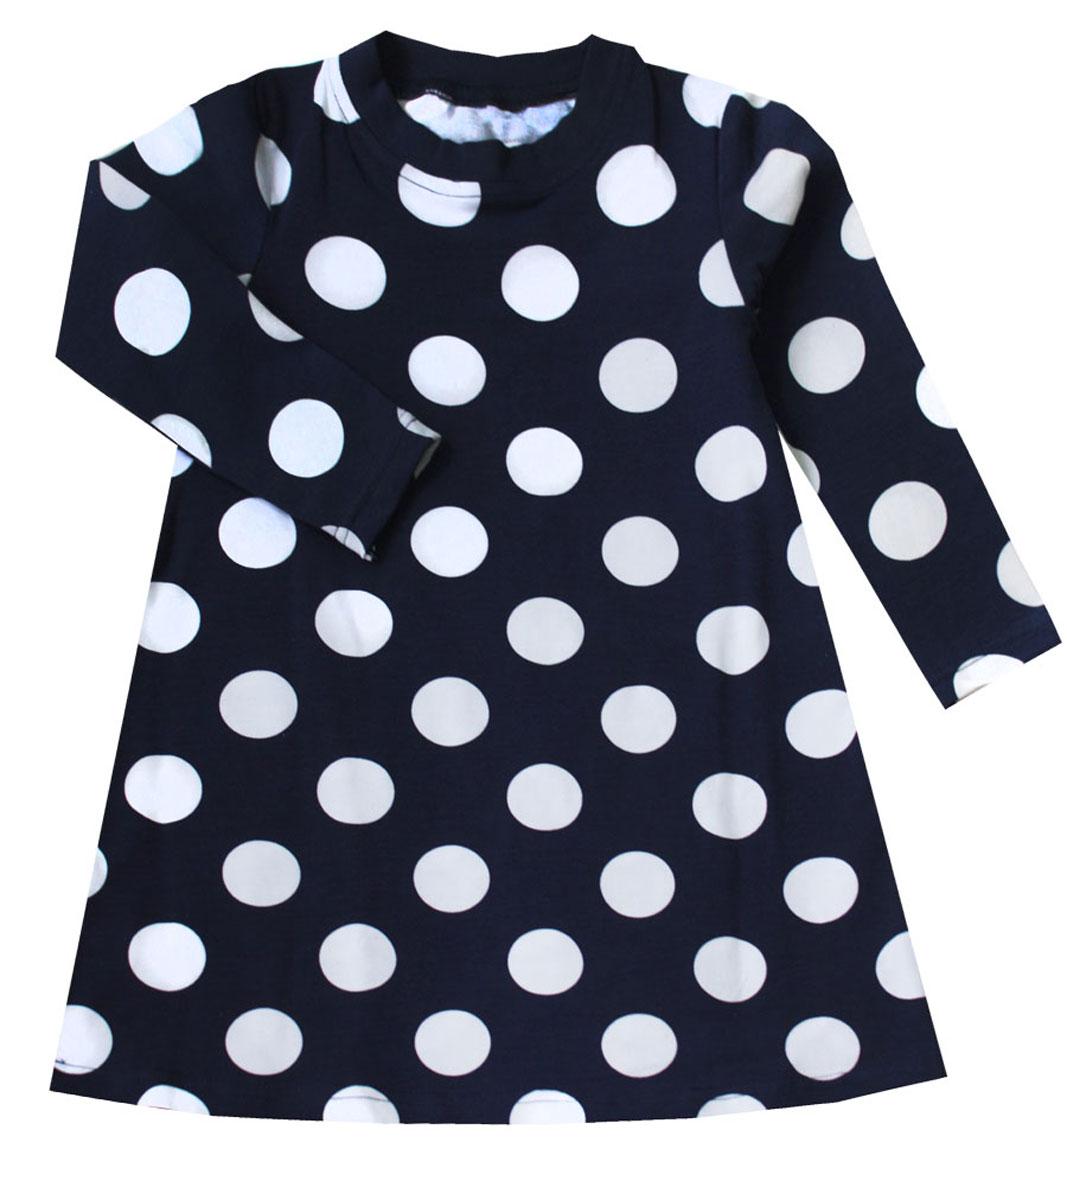 21743Платье для девочки КотМарКот Горох выполнено из натурального хлопка. Модель средней длины с длинными рукавами имеет круглый вырез горловины, отделанный эластичной бейкой. Платье оформлено принтом в крупный горох.